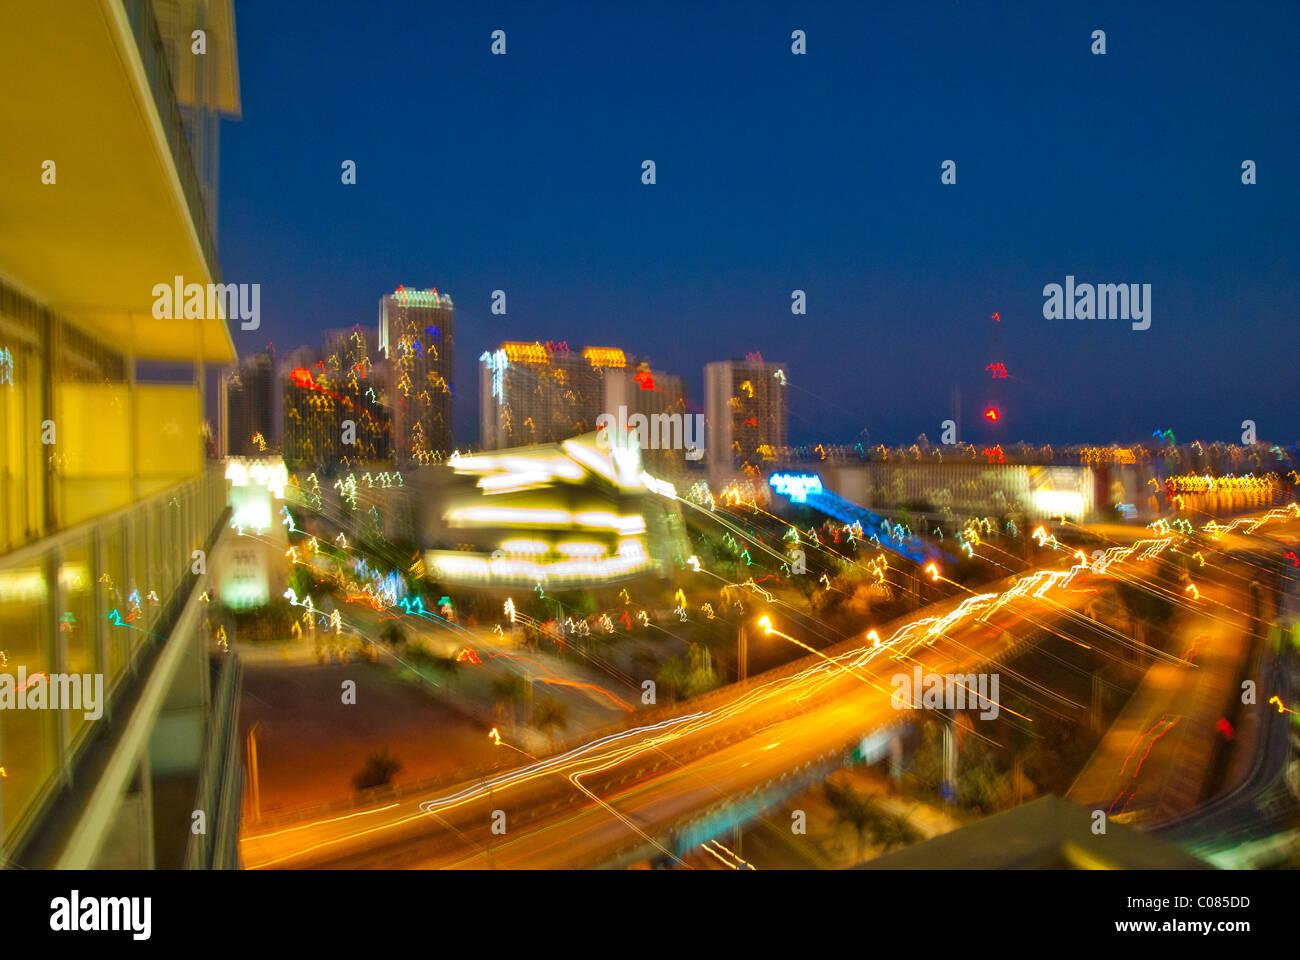 Desenfoque de movimiento abstracto del perfil de la ciudad de Miami, Florida, USA. Imagen De Stock